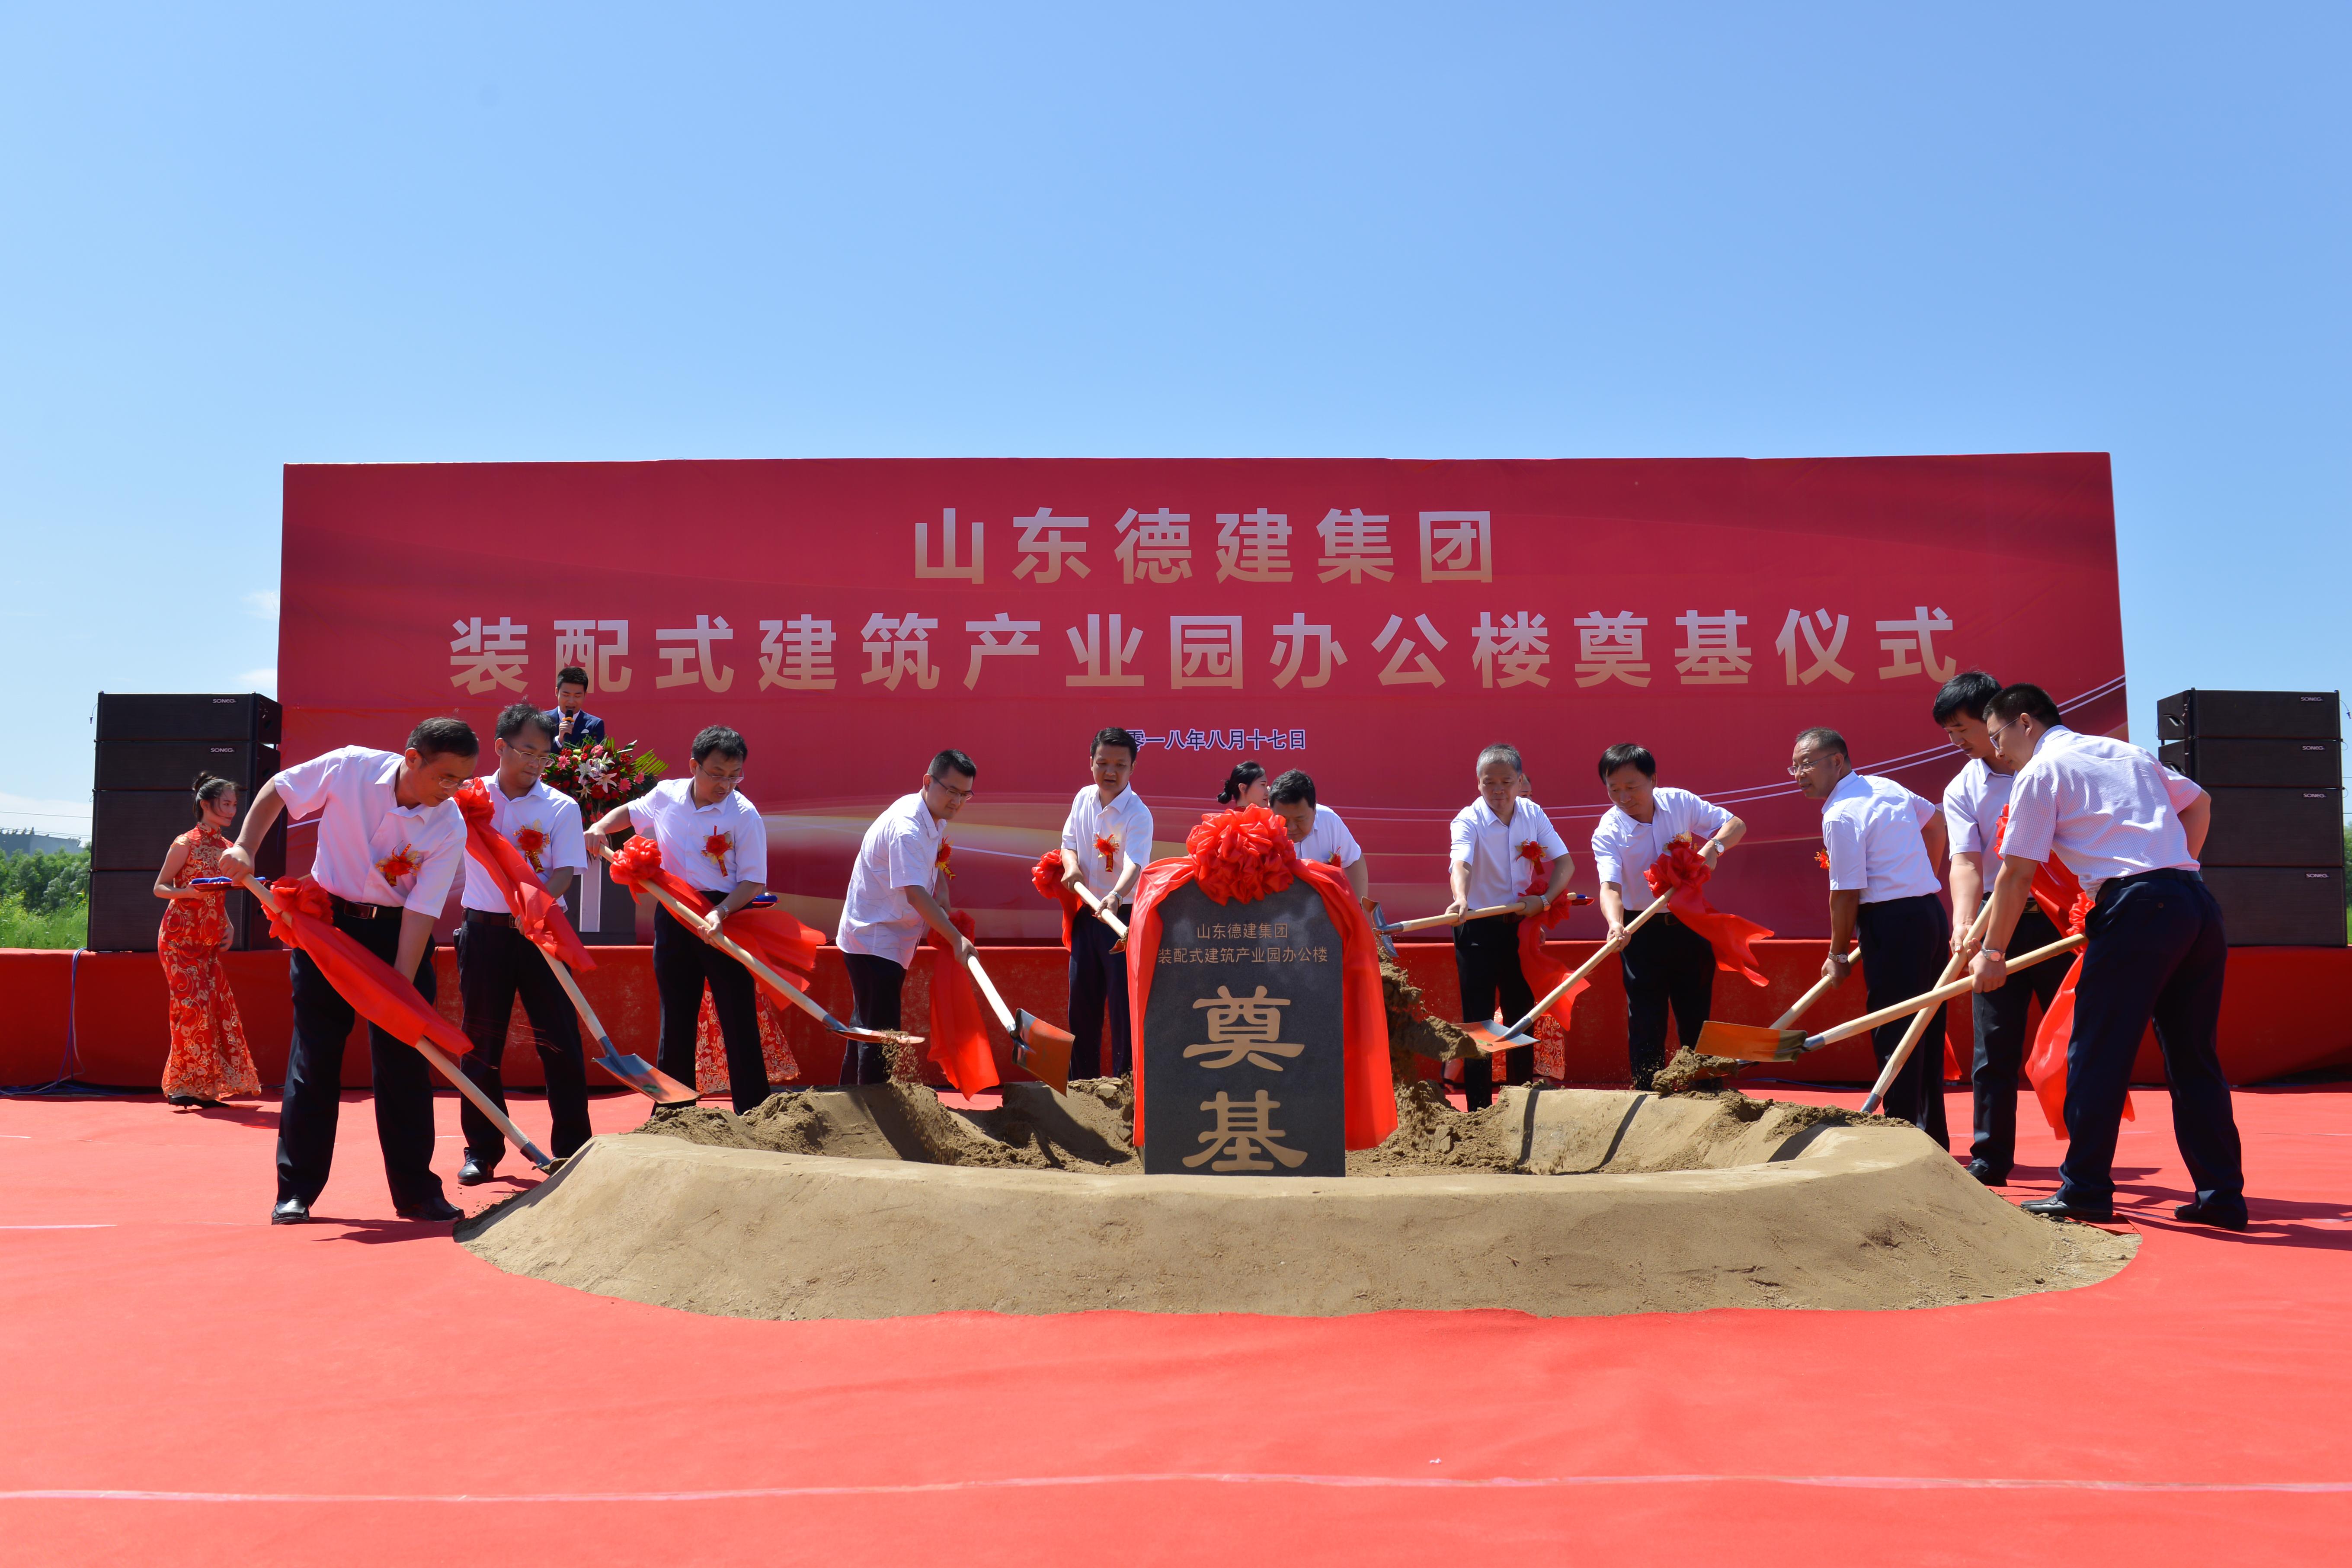 67秒丨山东德建集团装配式建筑产业园奠基 总投资8.6亿元